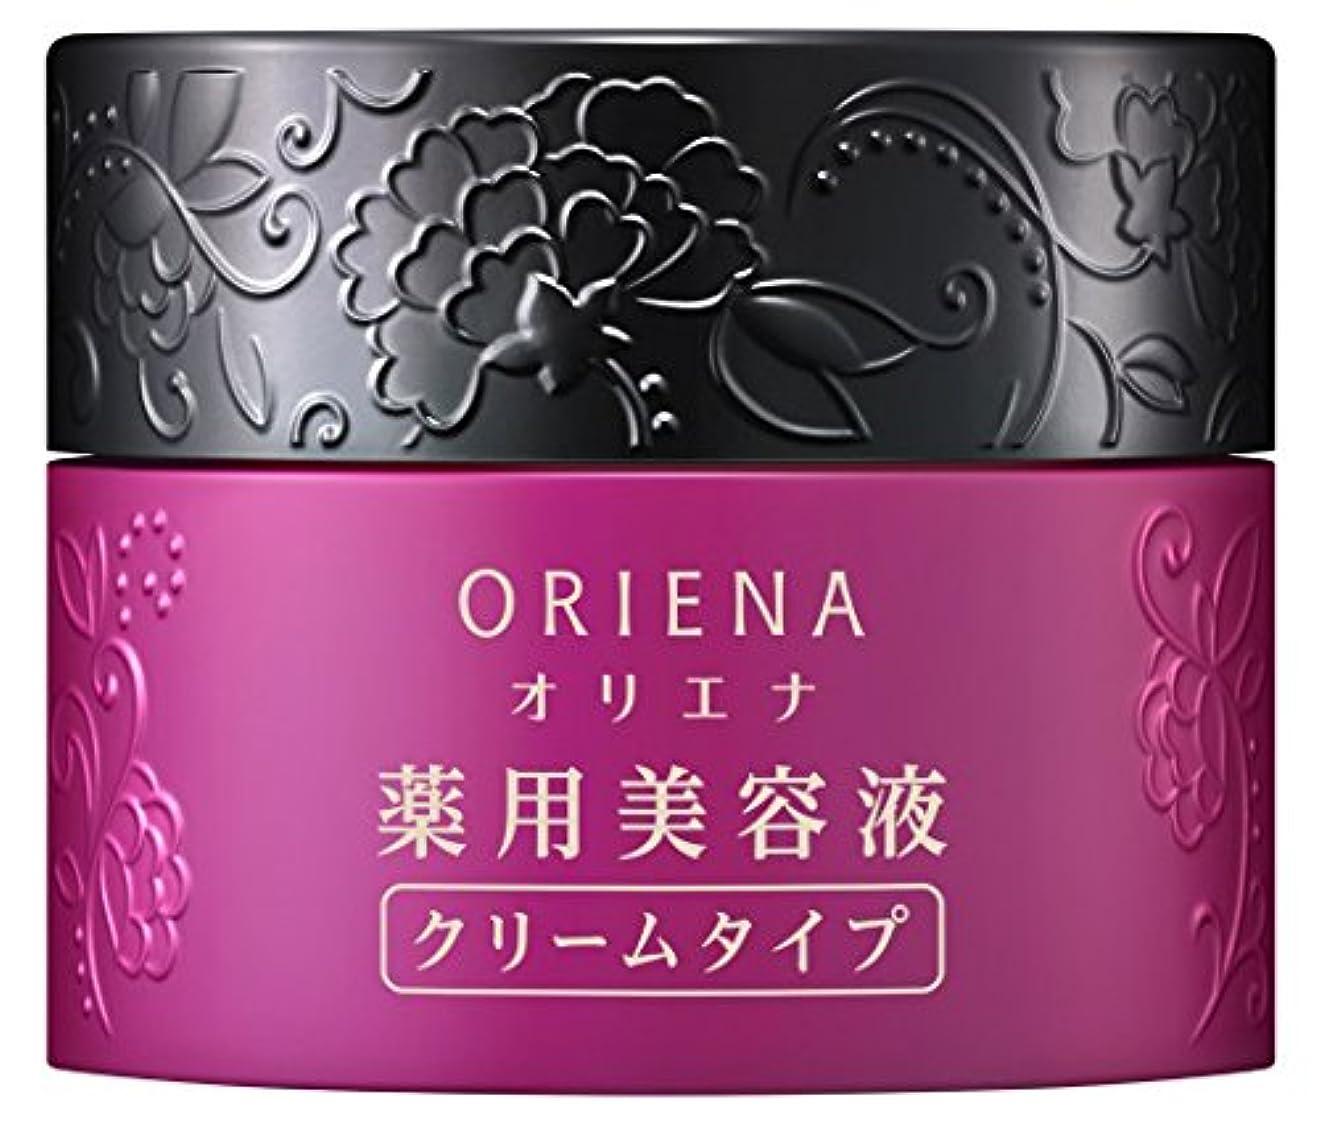 暗くする首尾一貫した恐竜花王 オリエナ 薬用美容液 クリームタイプ 30g